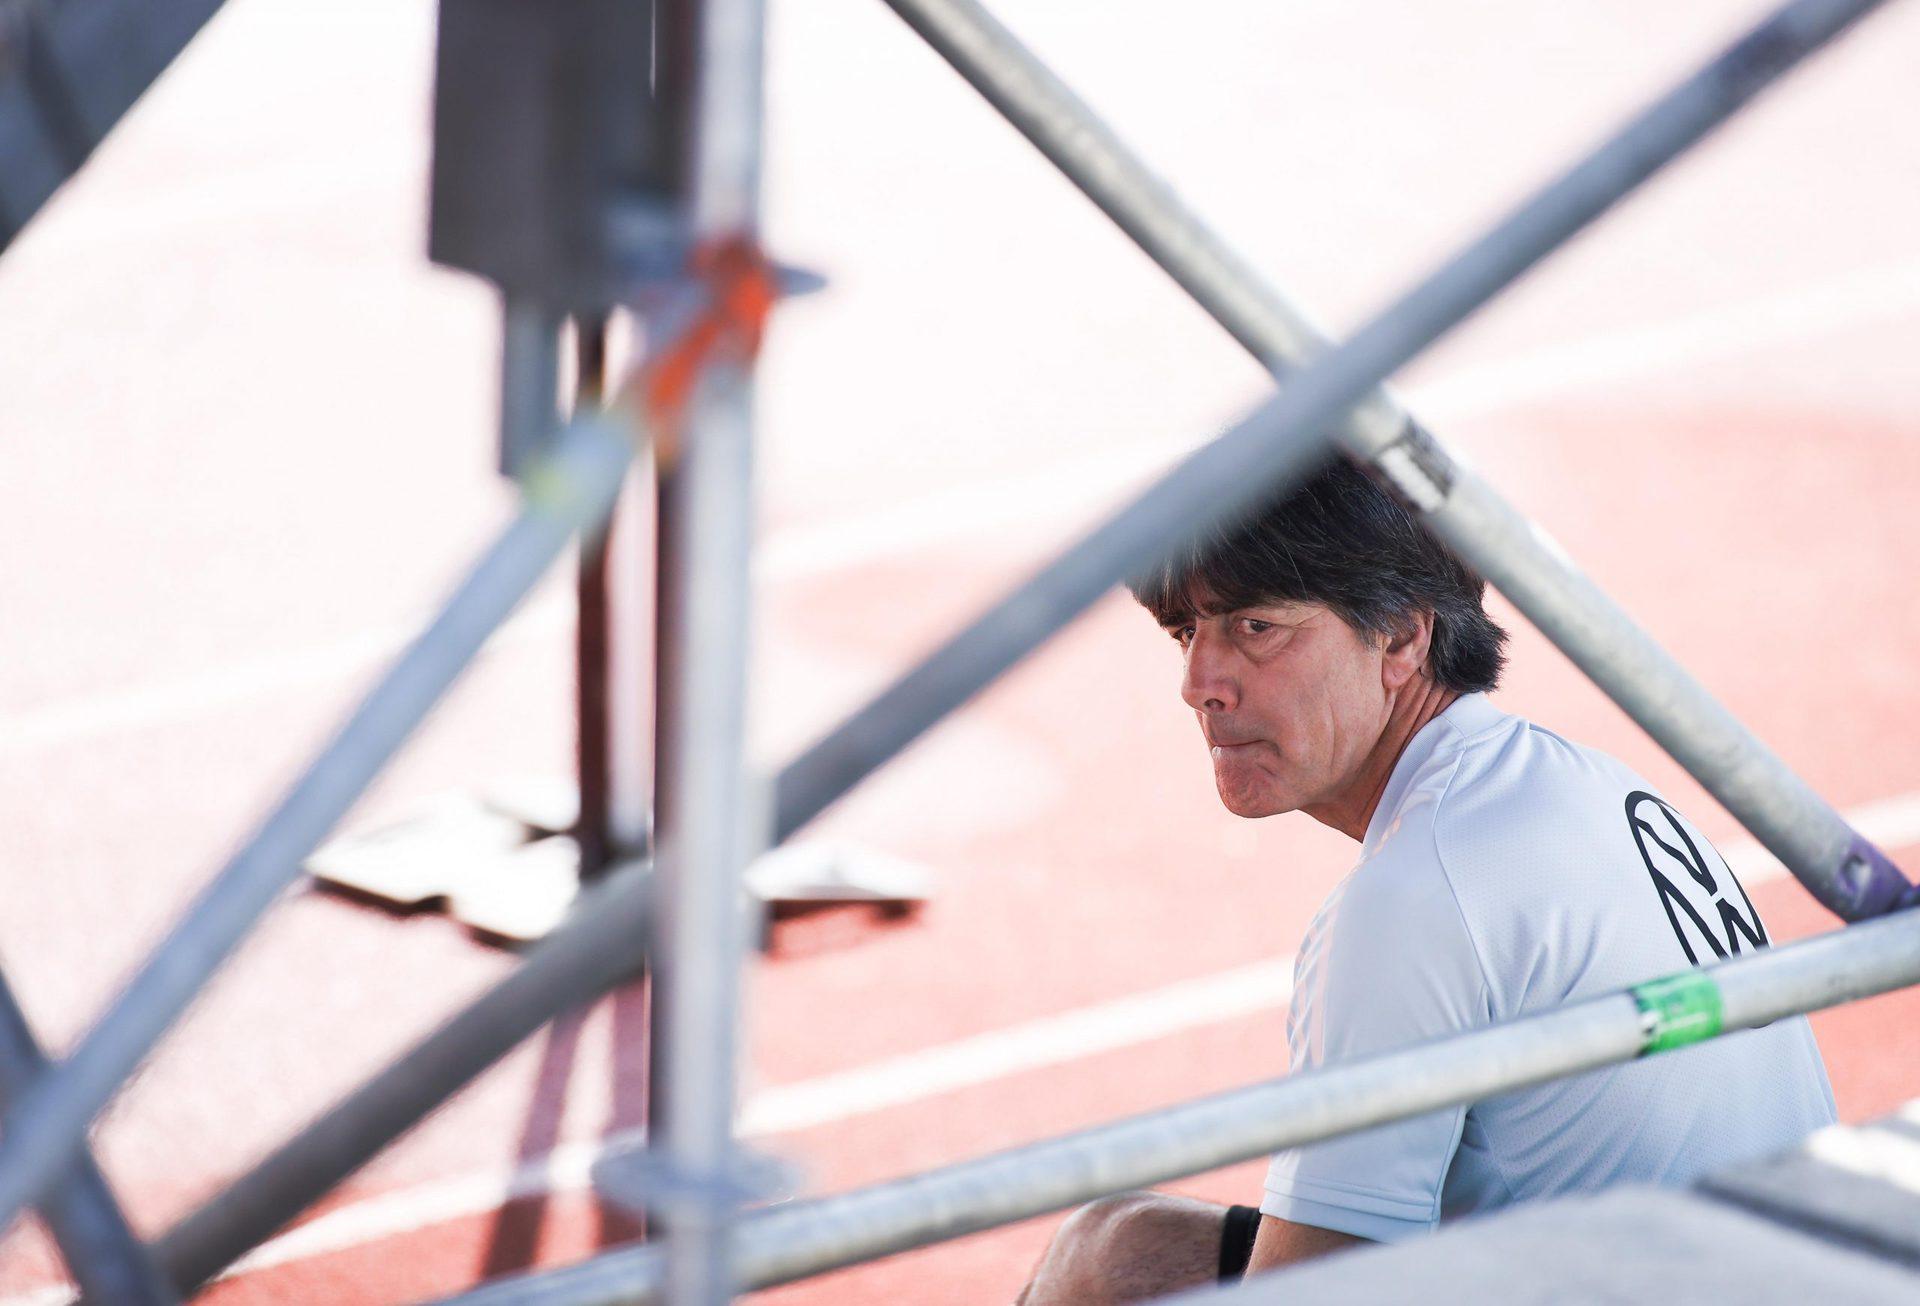 Alles oder nichts für Löw: «Dafür ist man Trainer» EM-Achtelfinale gegen England